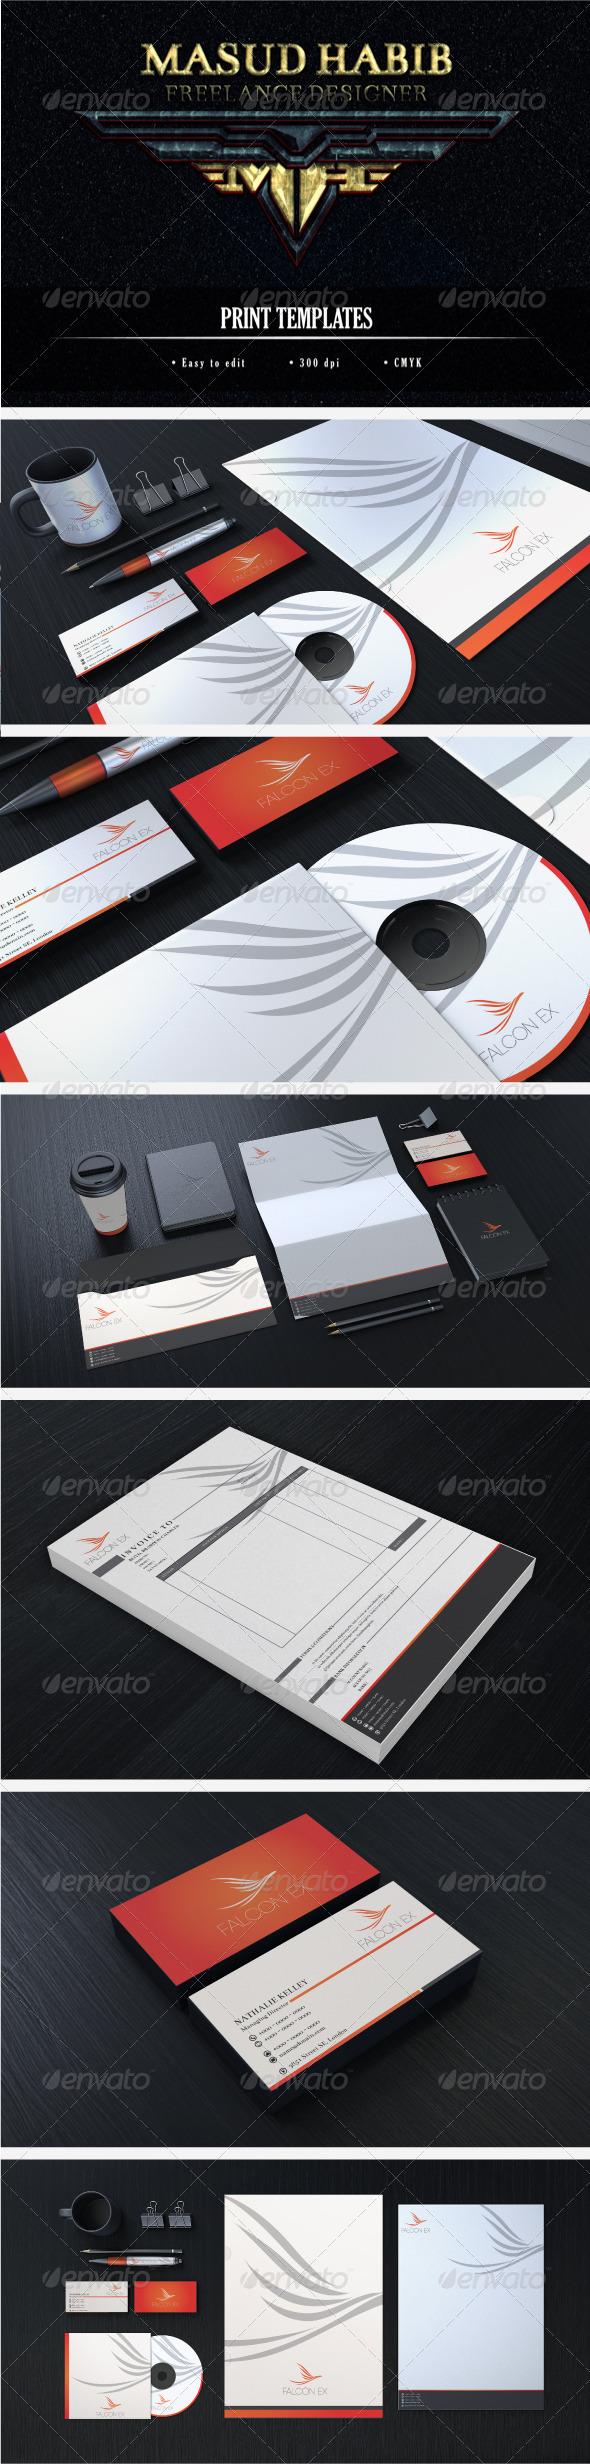 GraphicRiver Creative Corporate Identity 14 6673965